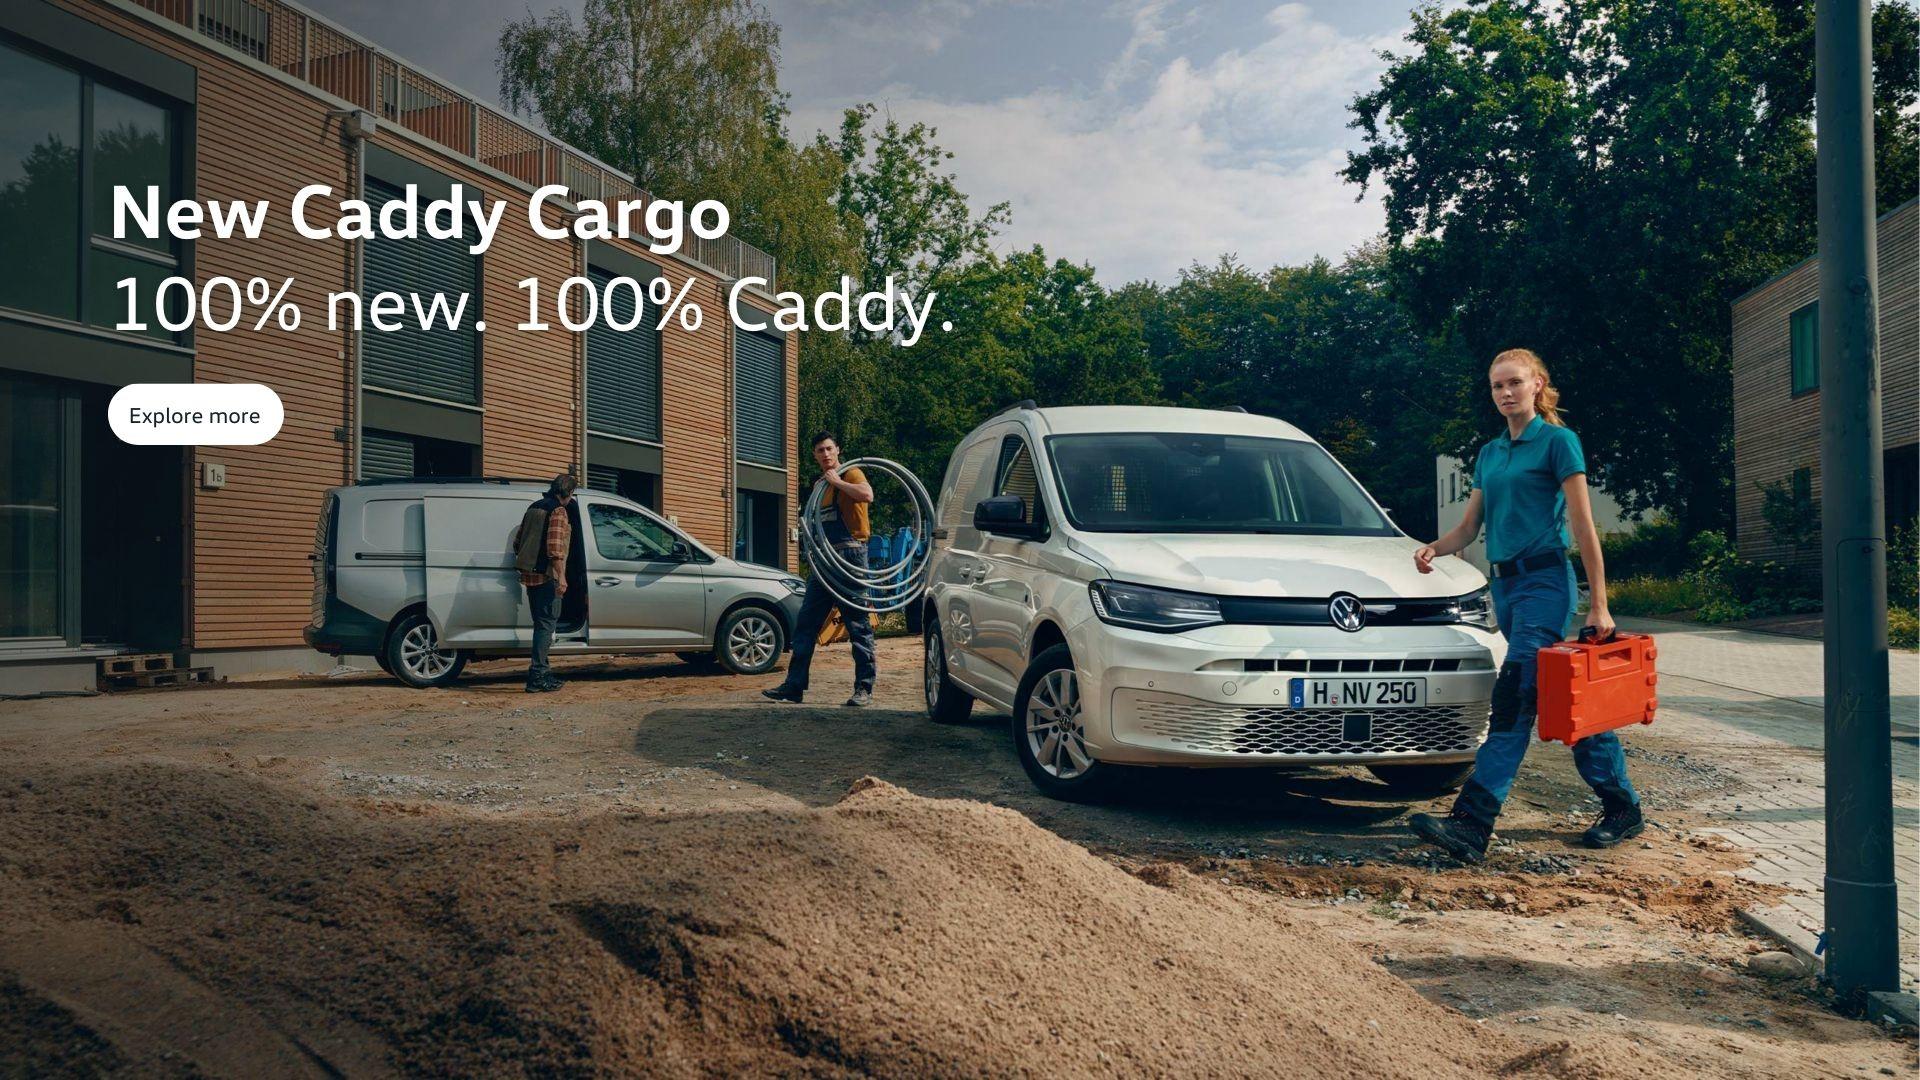 100% new. 100% Caddy.